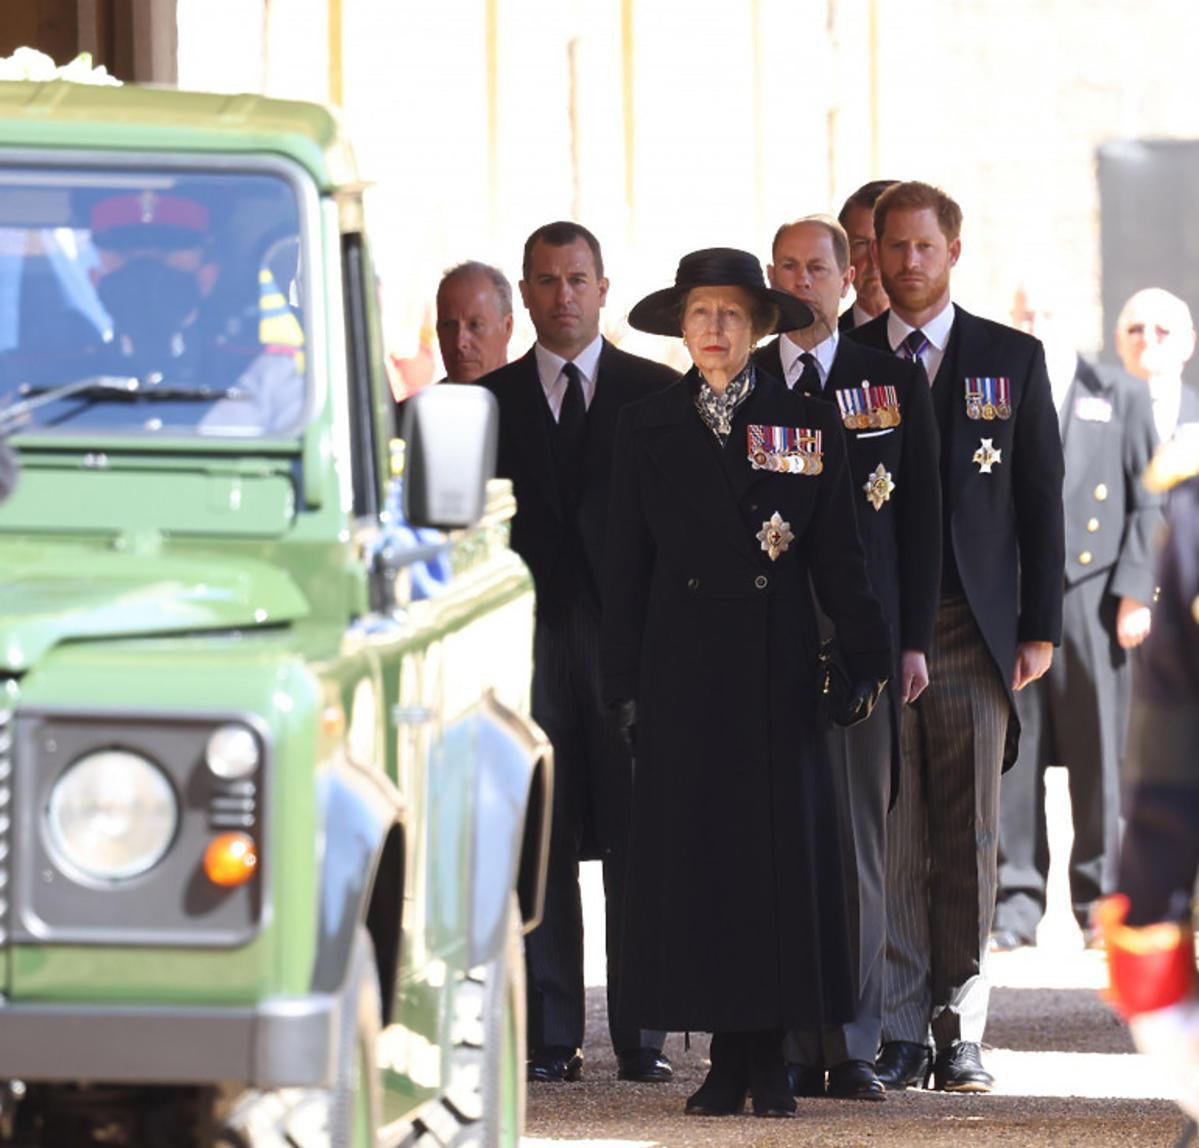 Pogrzeb księcia Filipa, księżniczka Anna, książę Edward i książę Harry